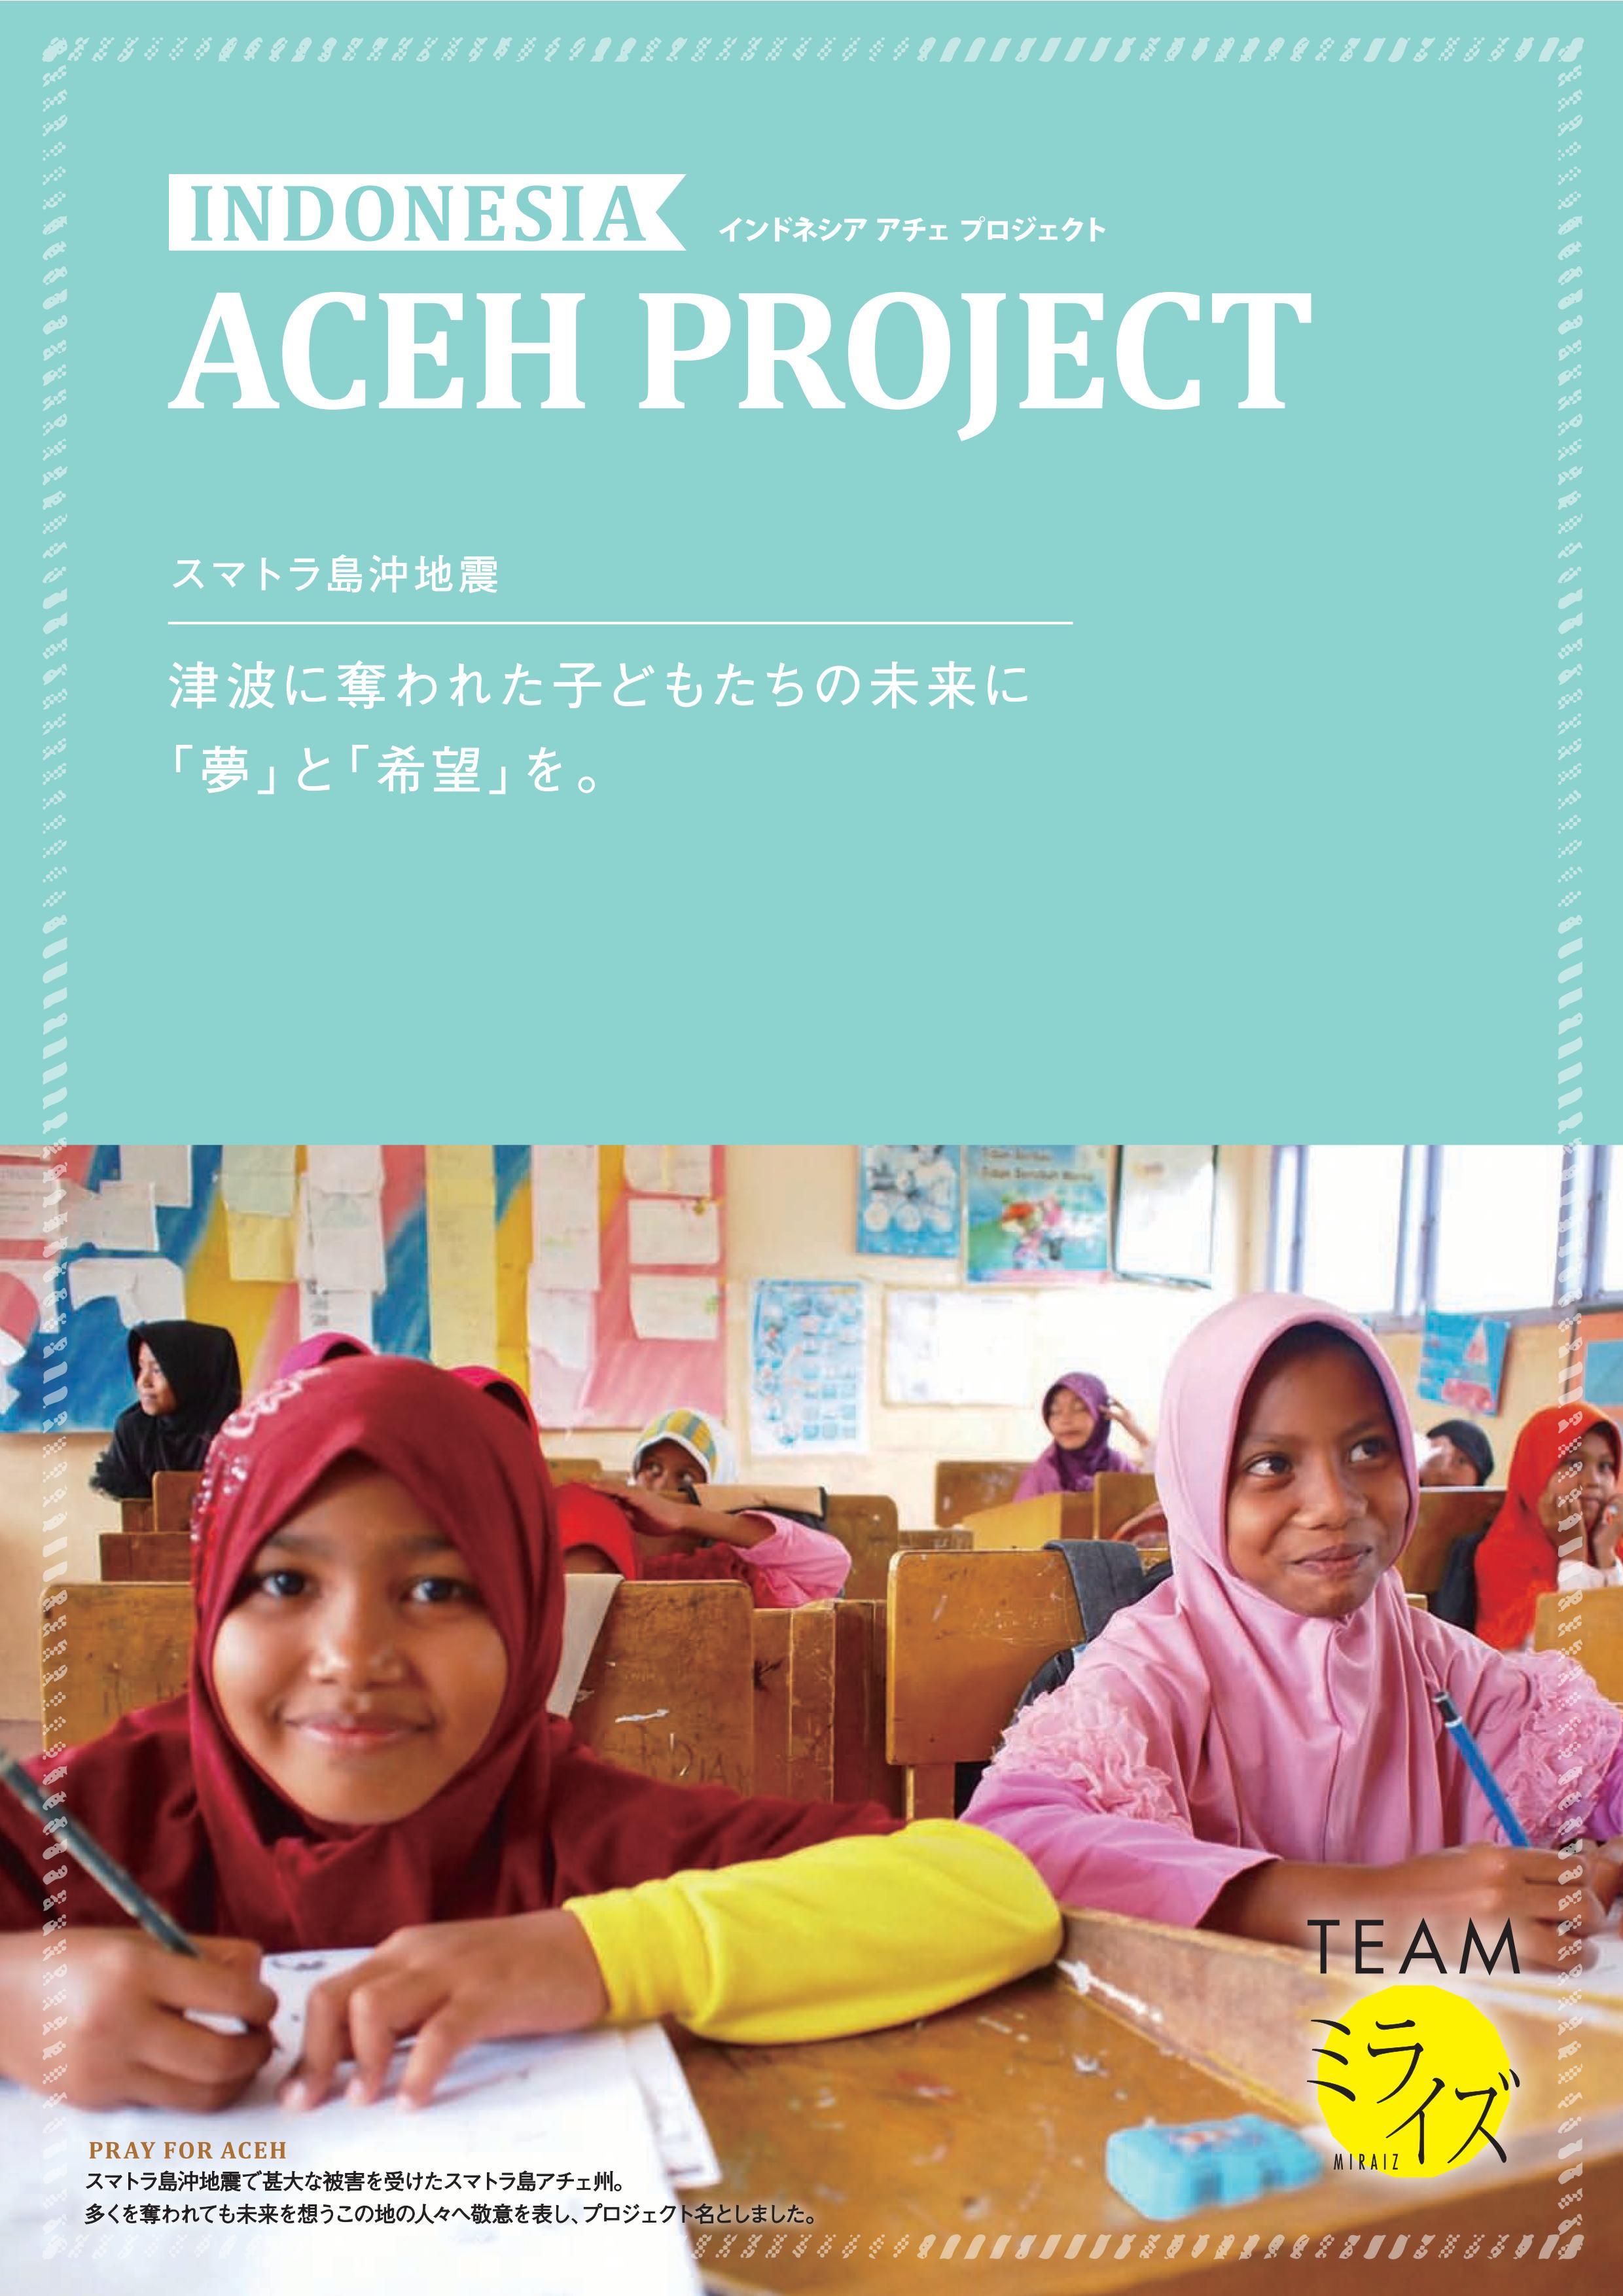 アチェプロジェクト (1)